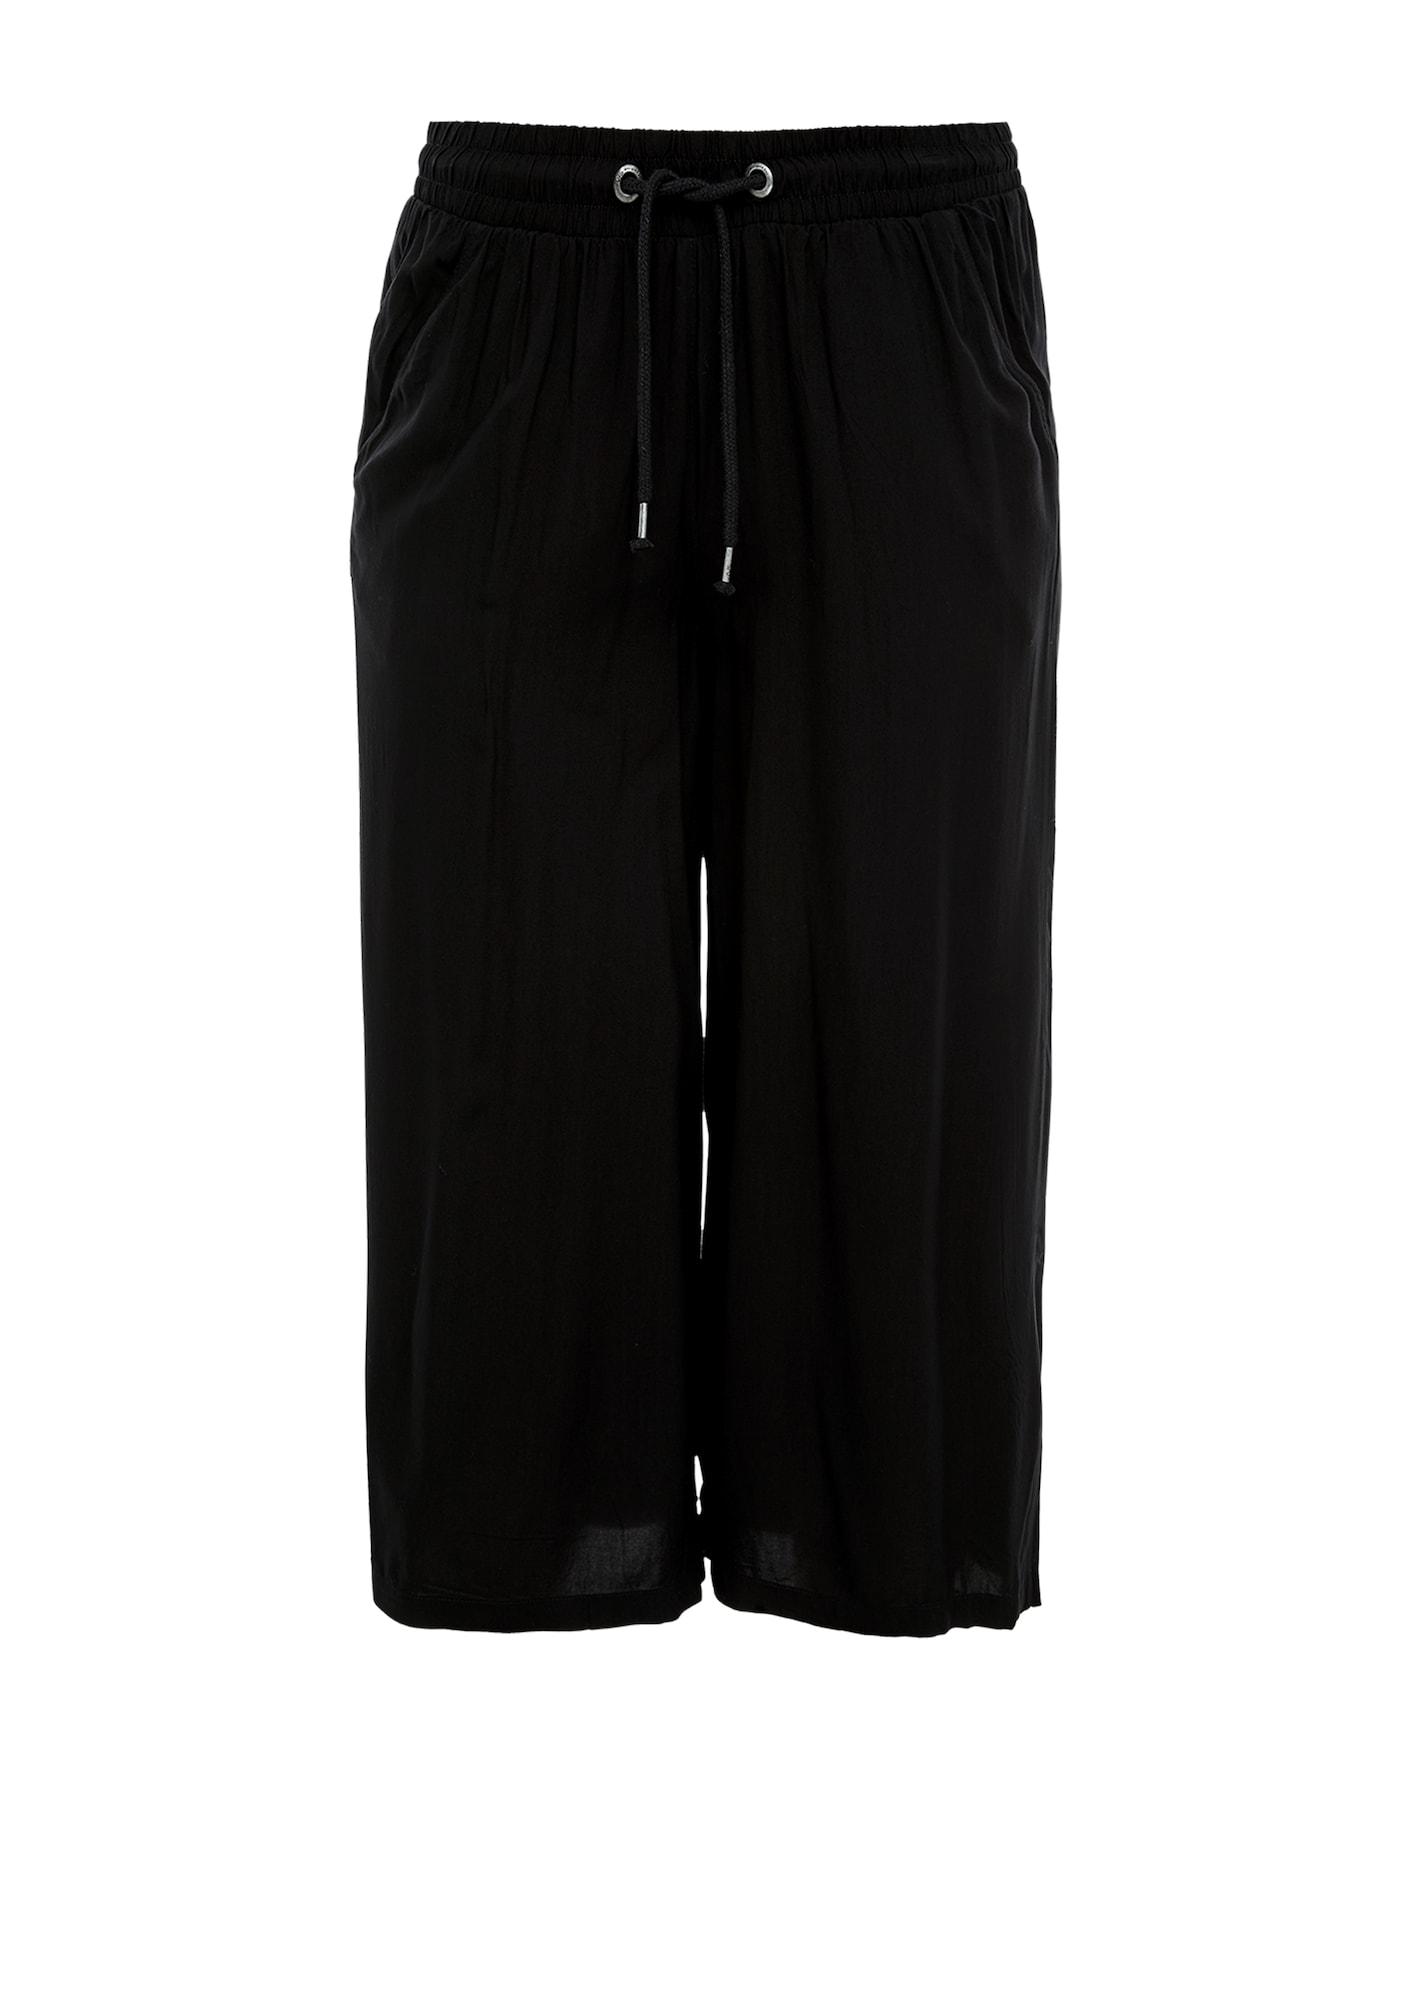 Q/S designed by Kelnės juoda